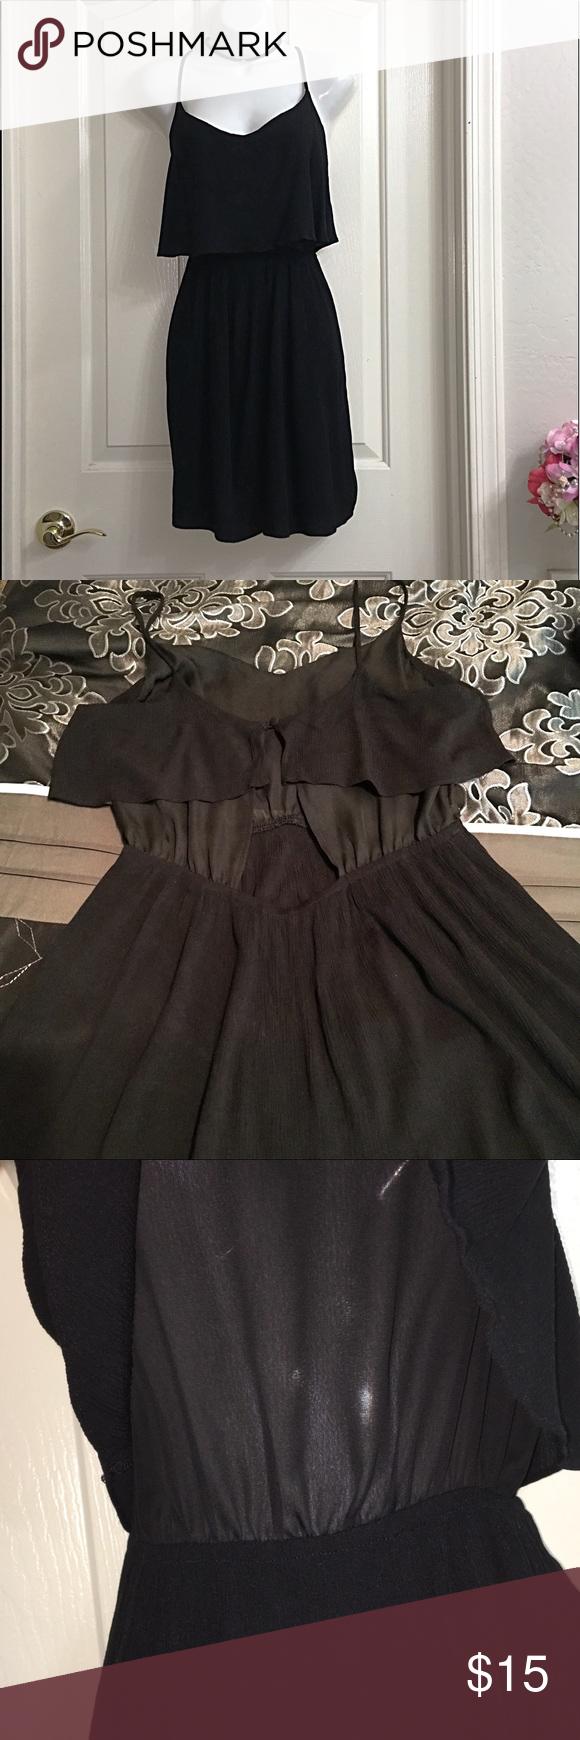 Topshop Black Dress Topshop Black Dress Top Shop Dress Clothes Design [ 1740 x 580 Pixel ]